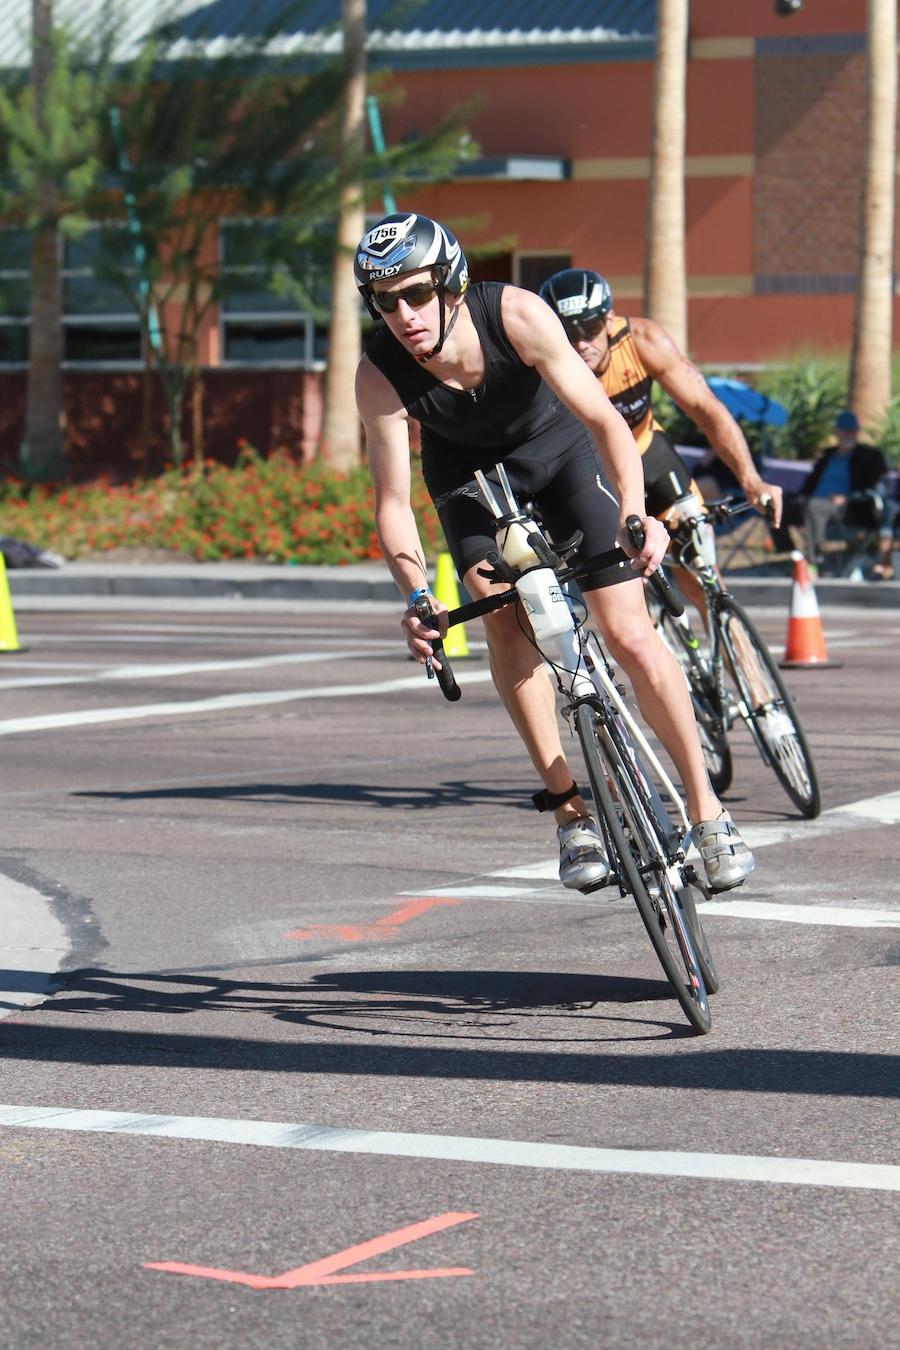 greg_kroleski_ironman_arizona_bike_corner